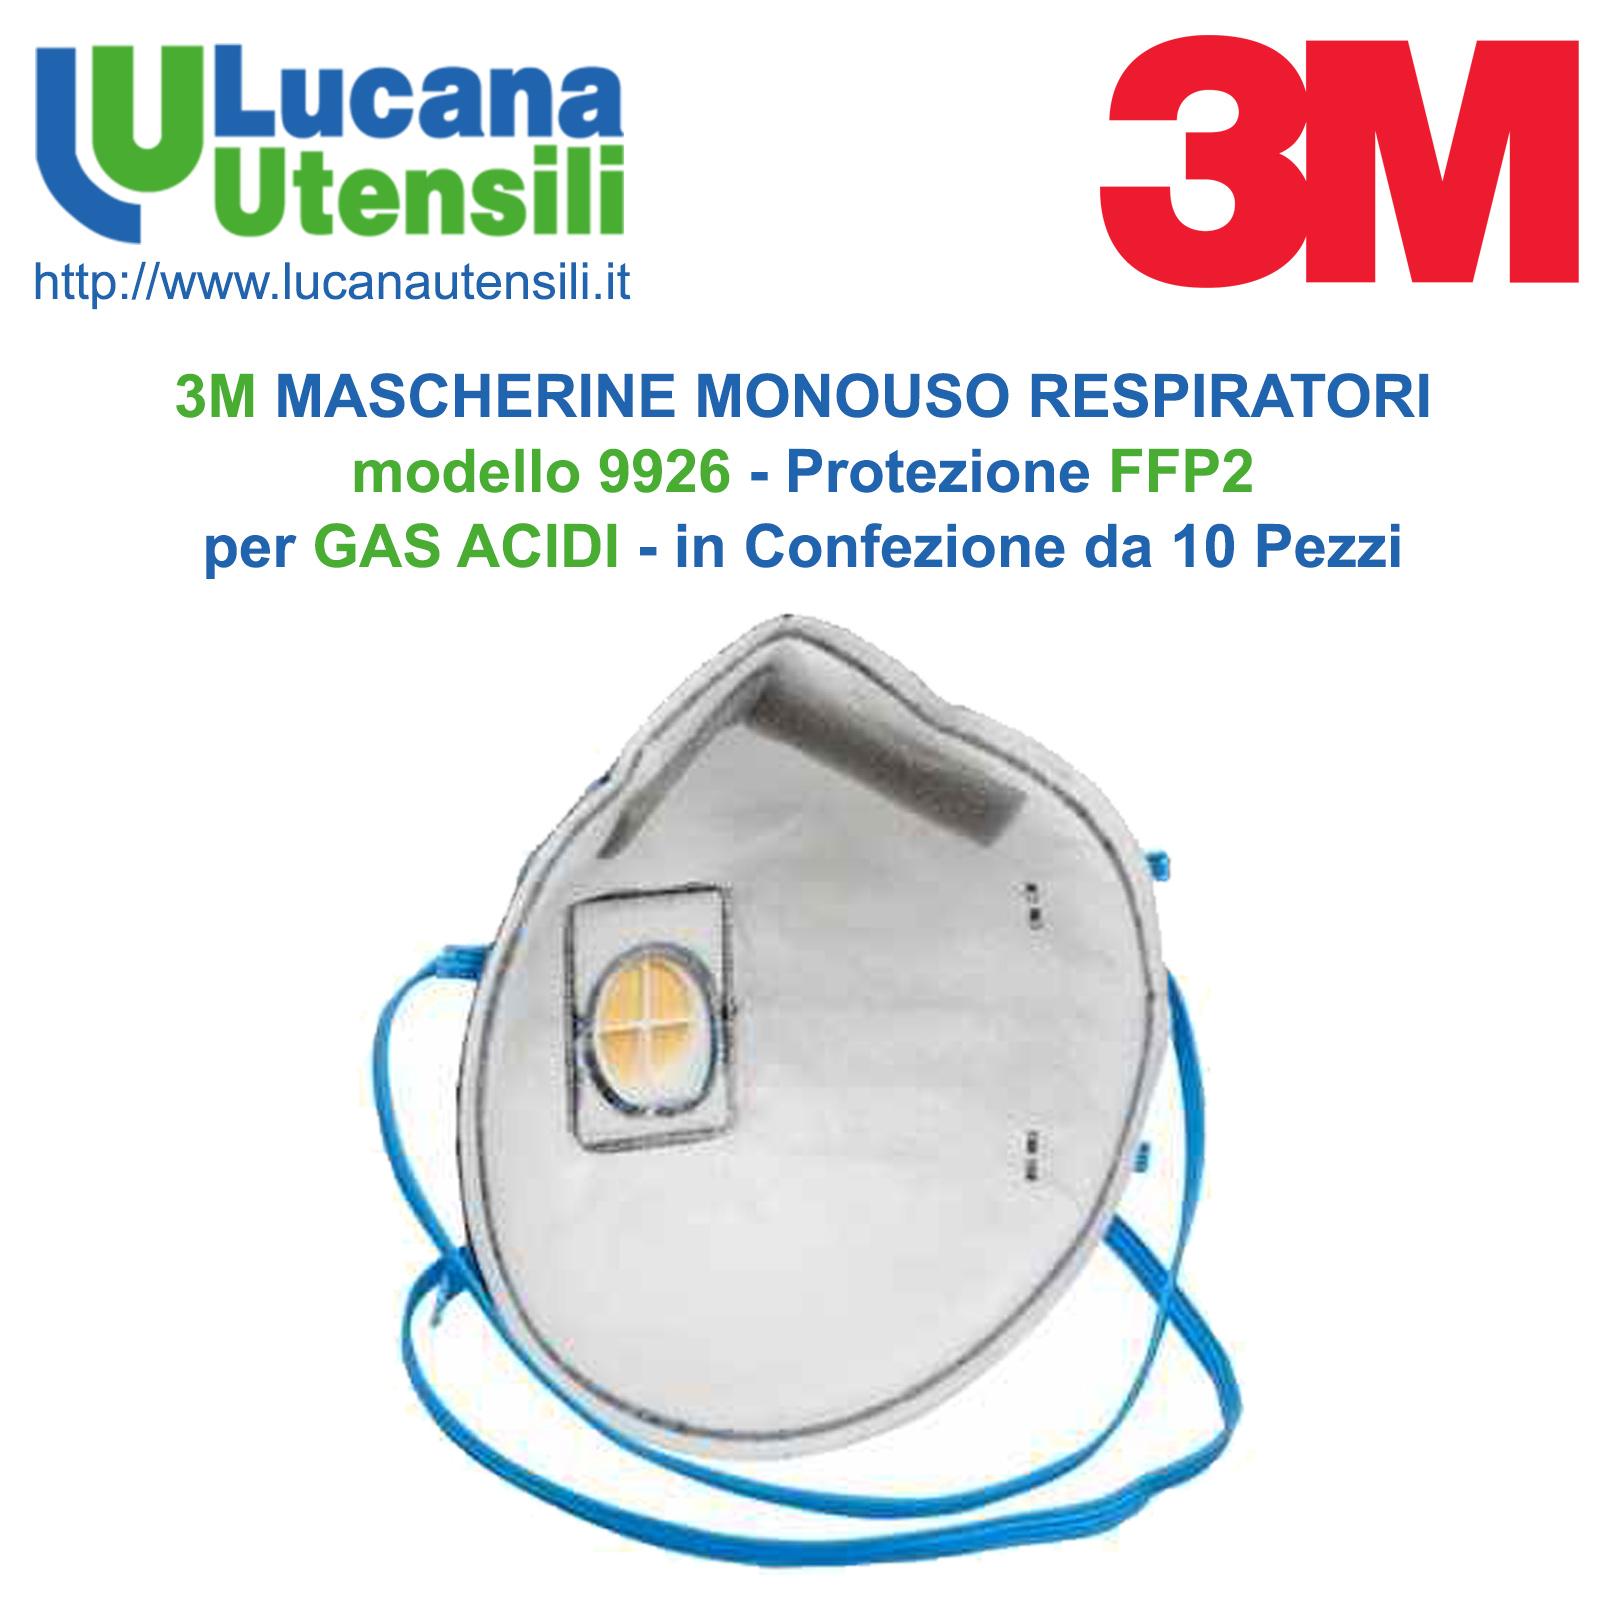 qualità autentica nuovo design bene 3M MASCHERINE MONOUSO RESPIRATORI modello 9926 con VALVOLA - Protezione  FFP2 per GAS ACIDI - Confezione 10 PZ